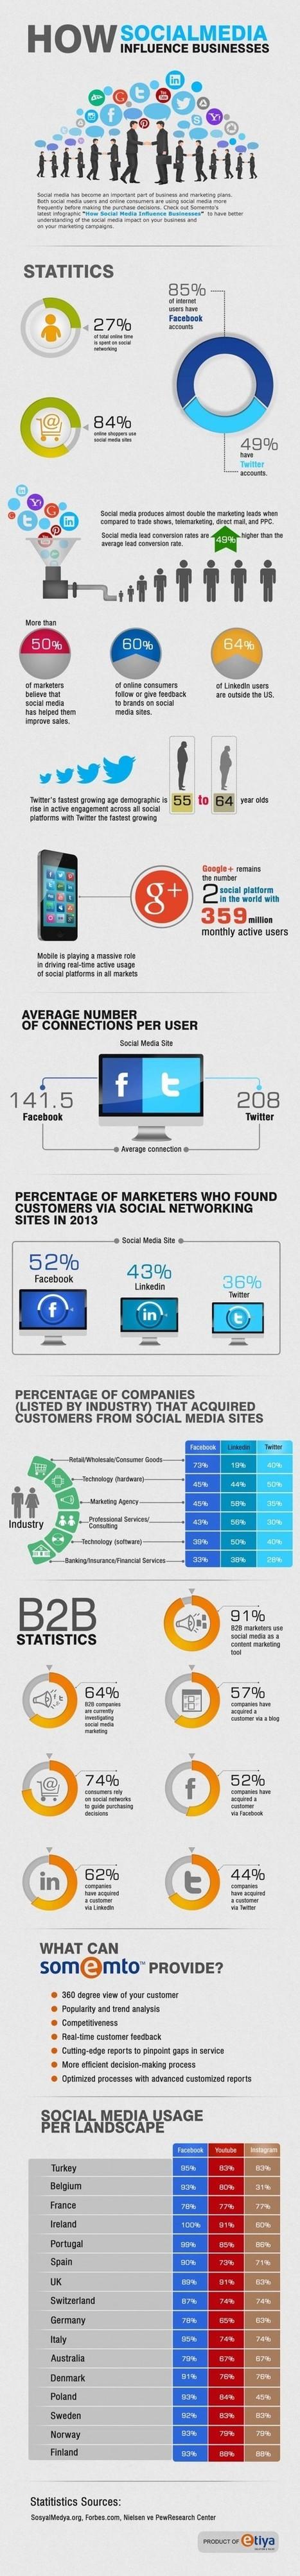 L'influence des médias sociaux sur les entreprises | Think Digital - Tendances et usages des médias sociaux | Scoop.it